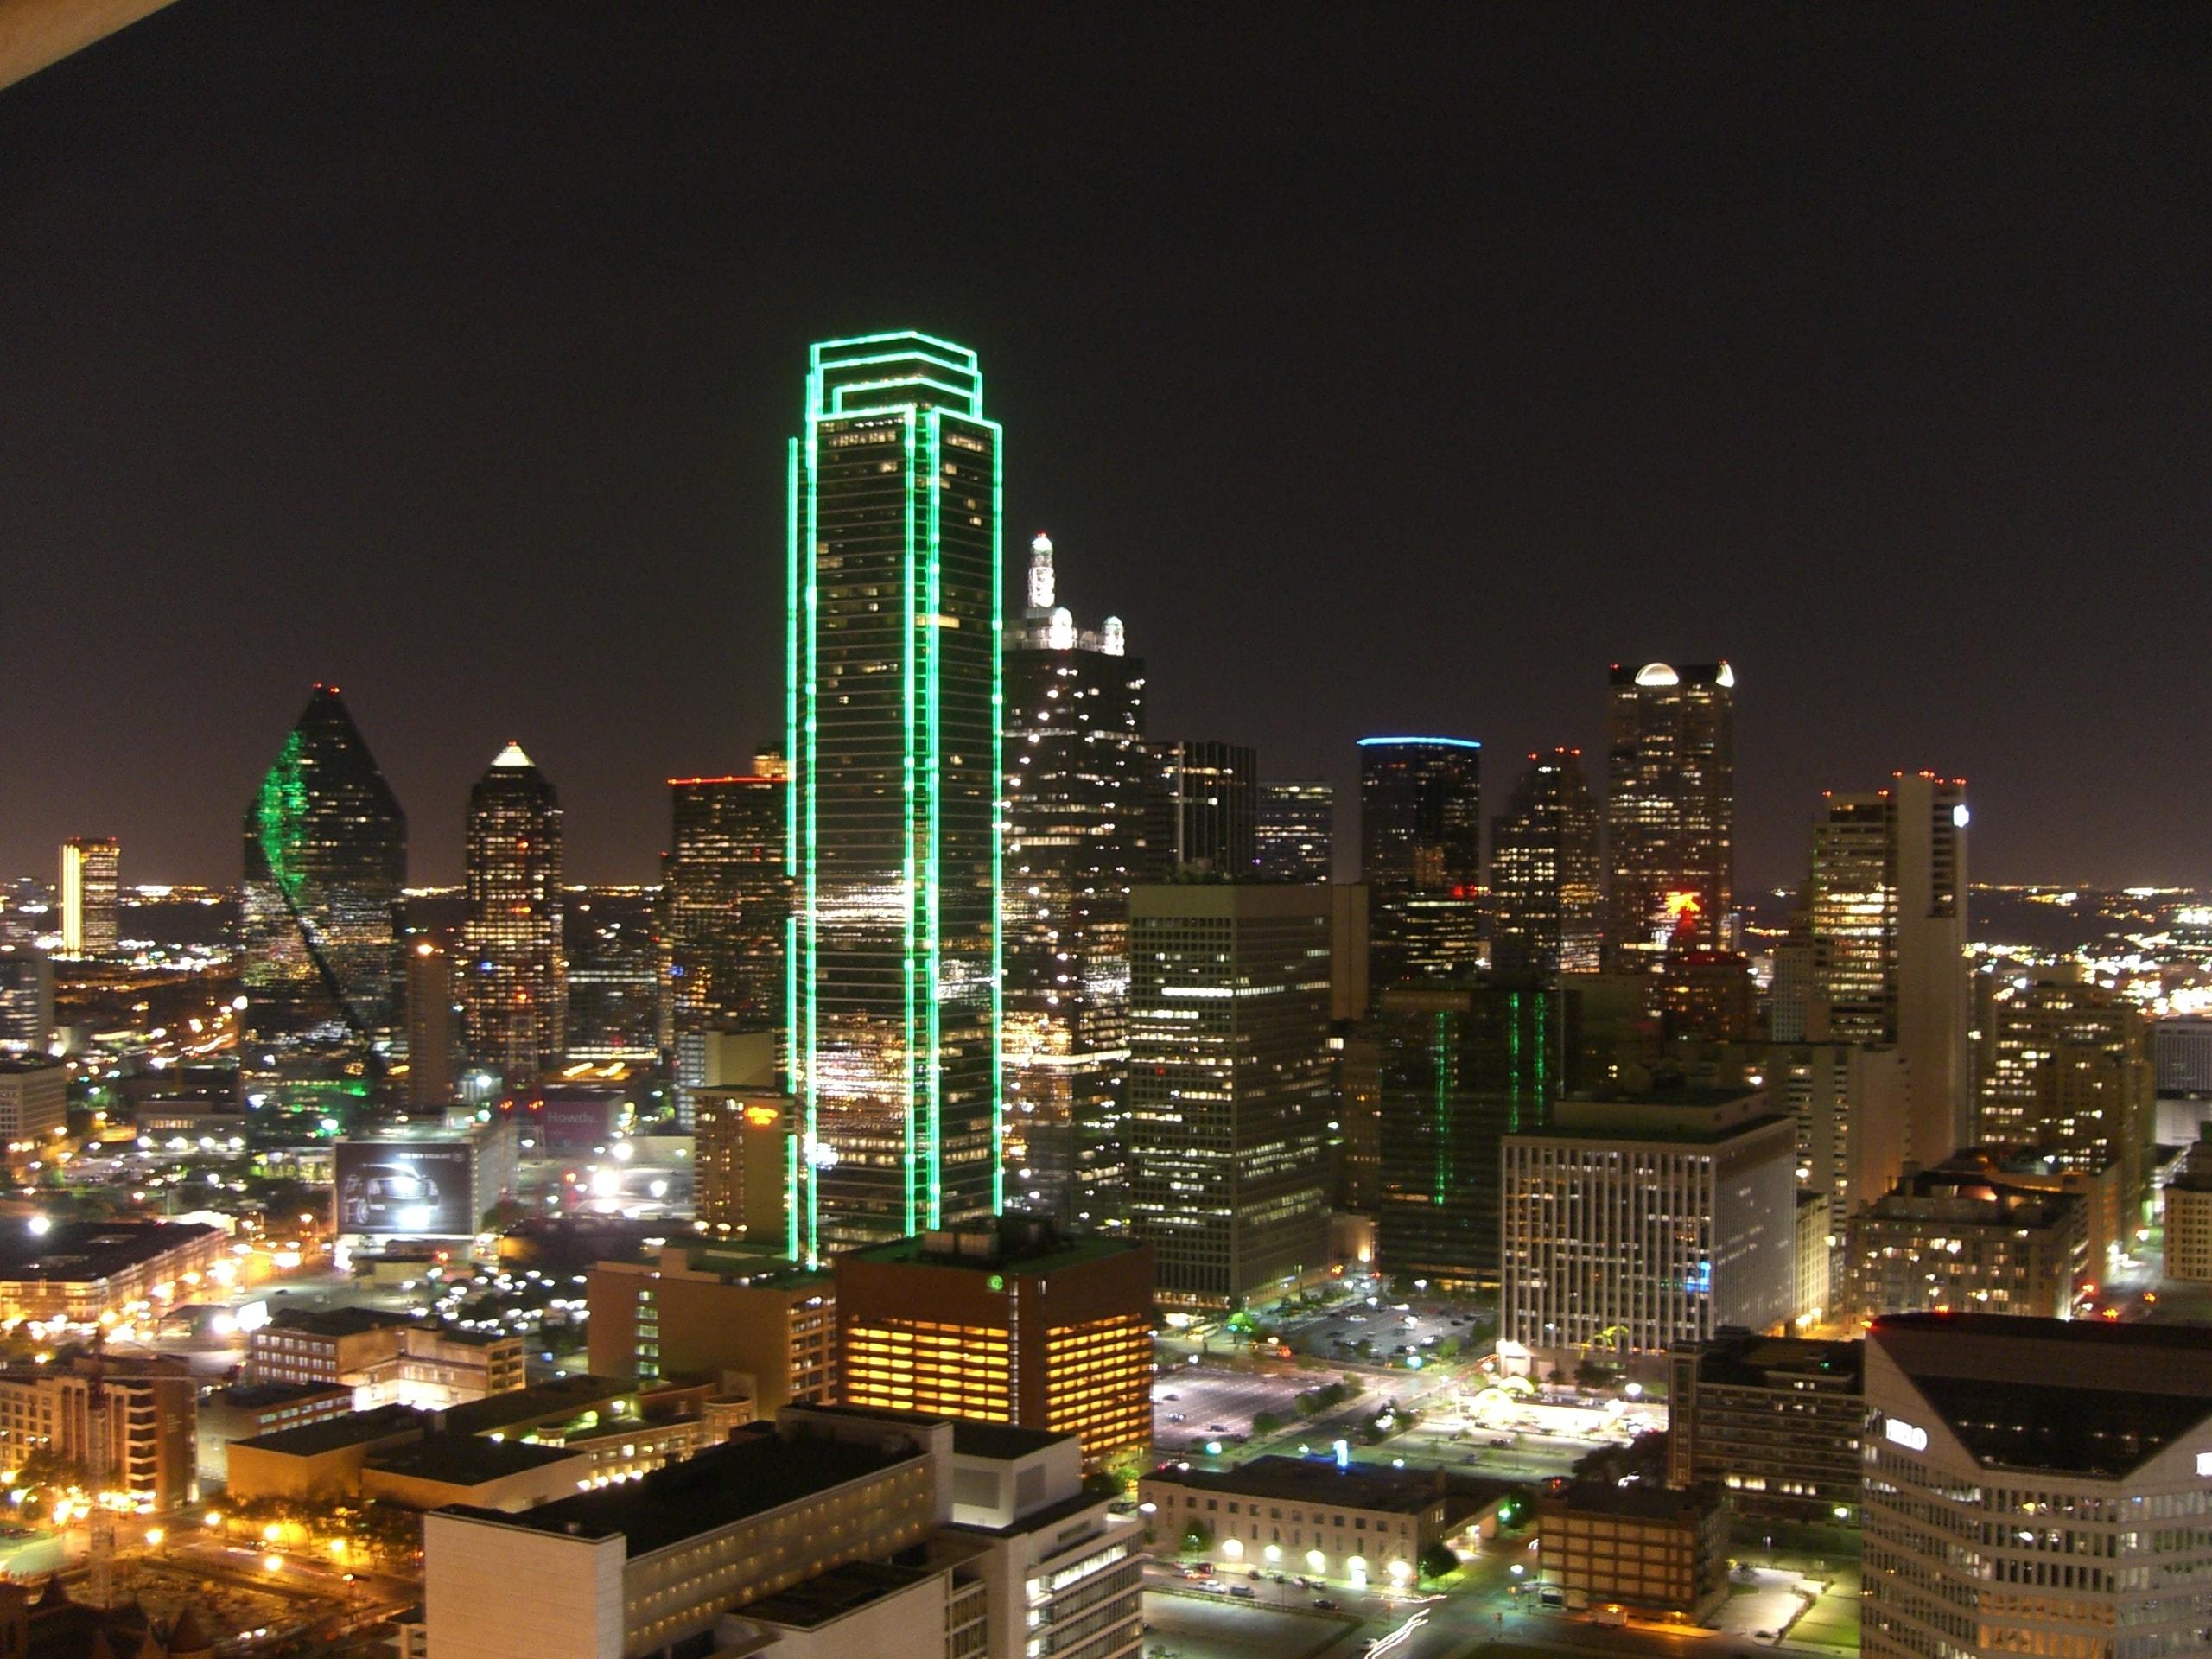 Dallas Free